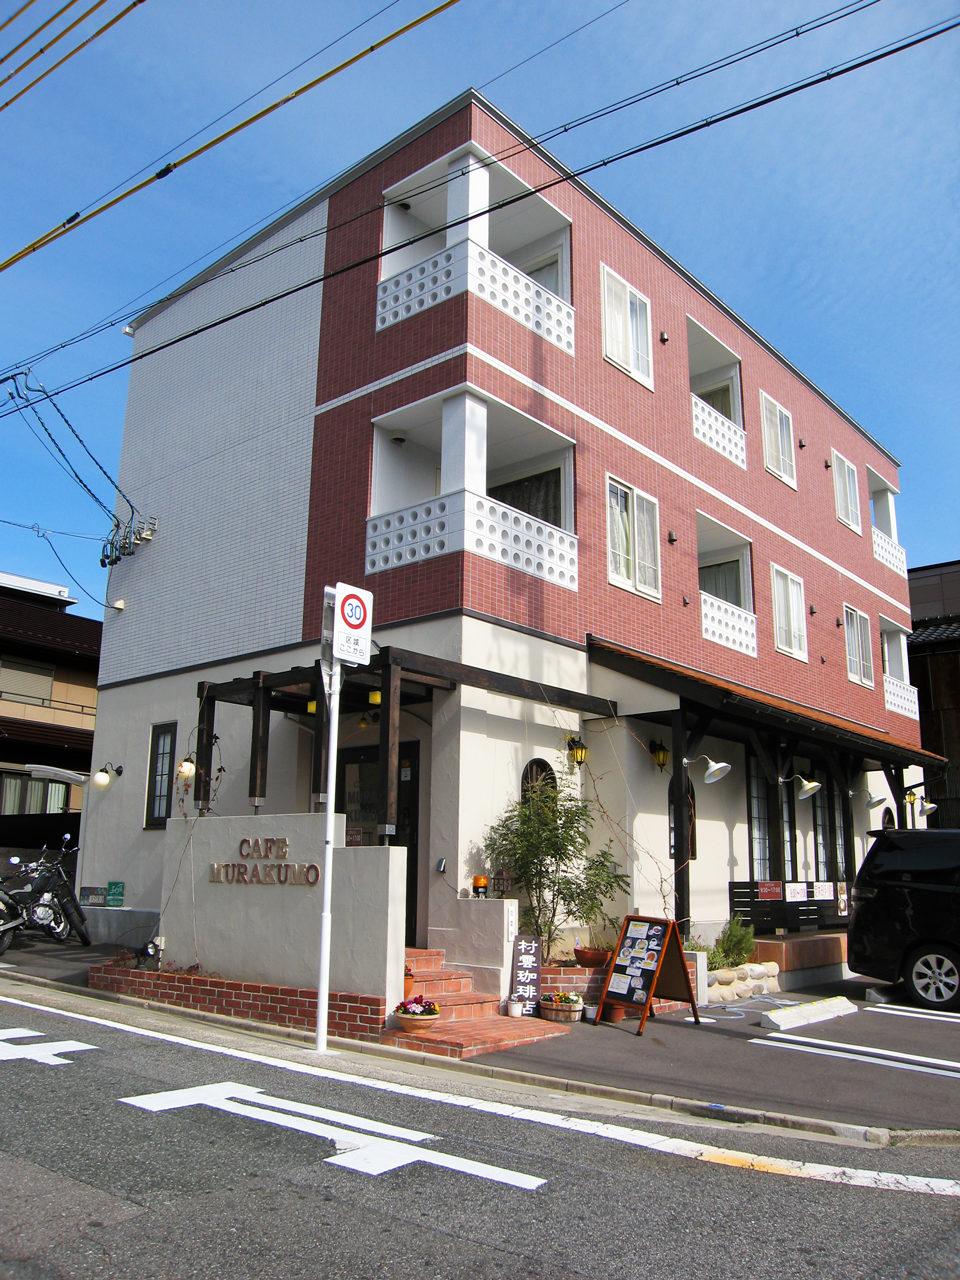 カフェとギャラリー付き賃貸マンションの新築設計、店舗デザイン